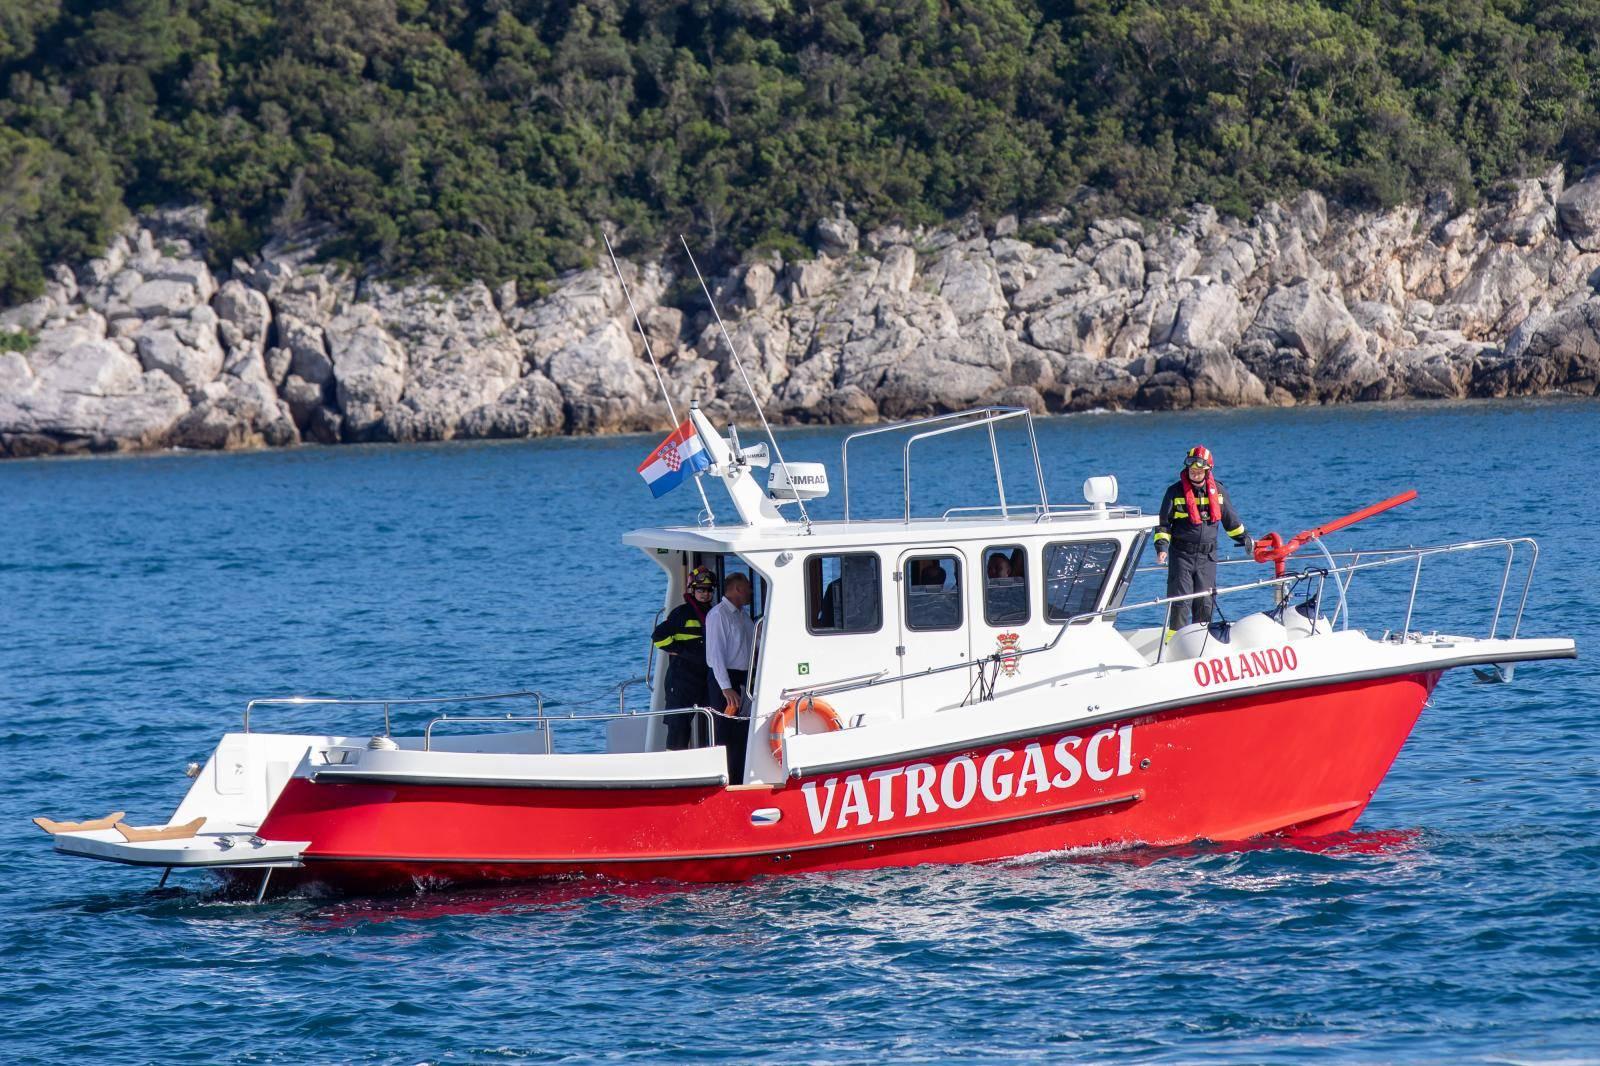 U Dubrovnik stigao novi vatrogasni brod Orlando